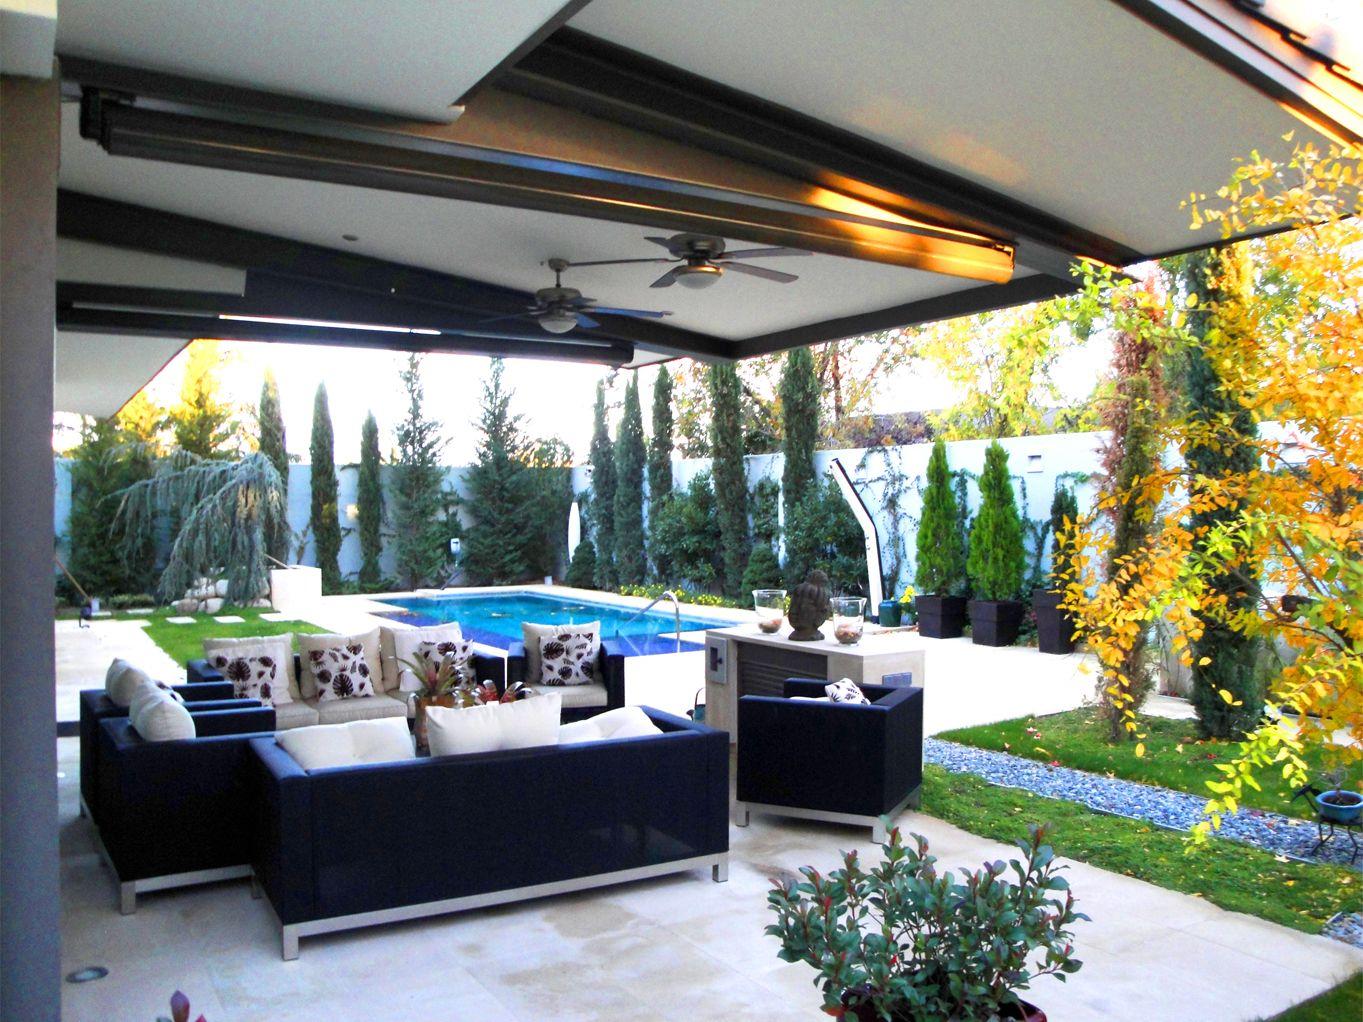 Paisajismo moderno patio piscina exterior sofas for Jardines de patios modernos